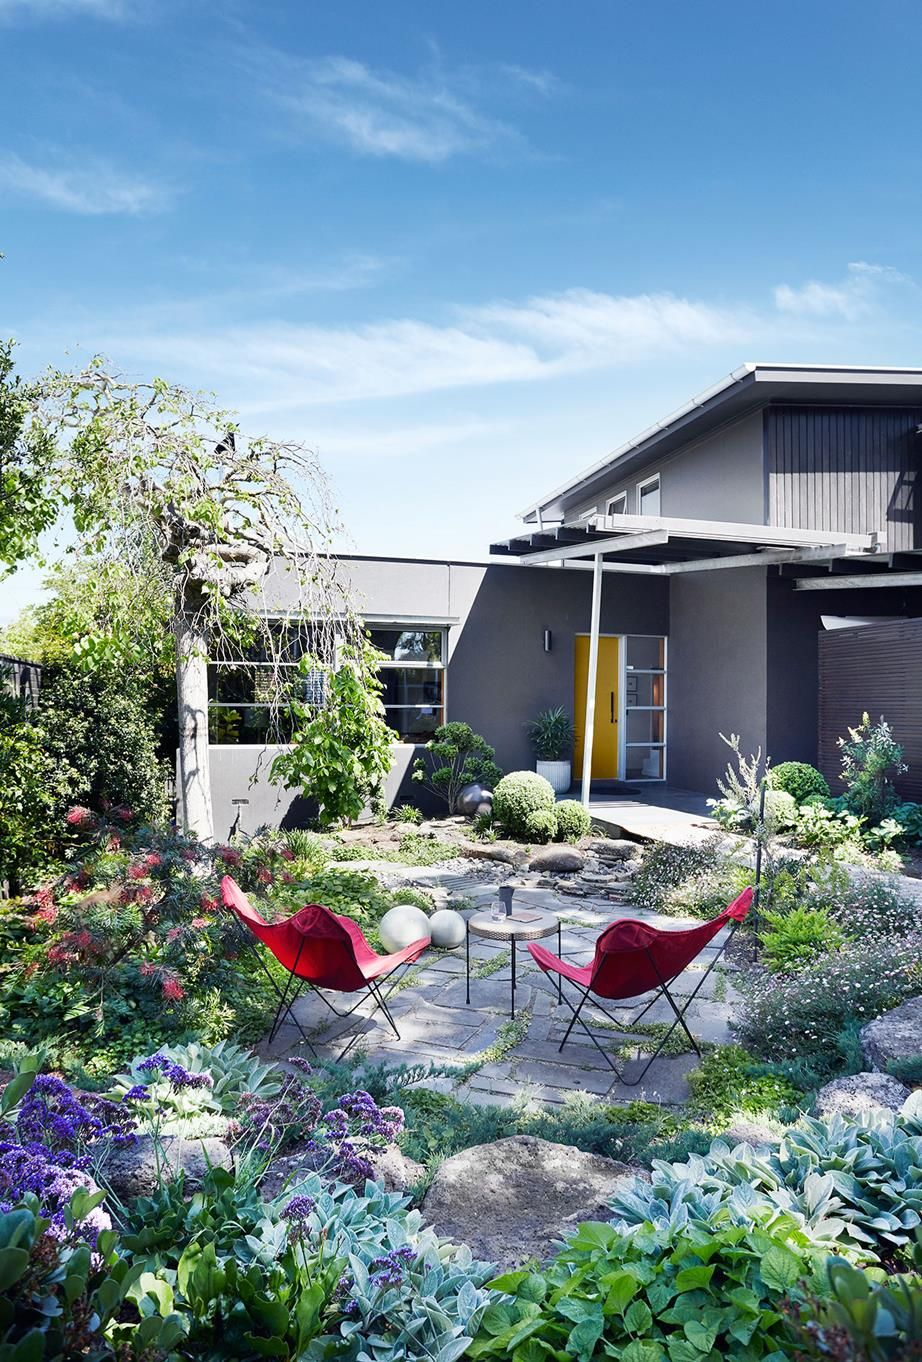 Modernist Style Home Revamp In Bayside Melbourne Back Garden Design Urban Garden Design Australian Homes